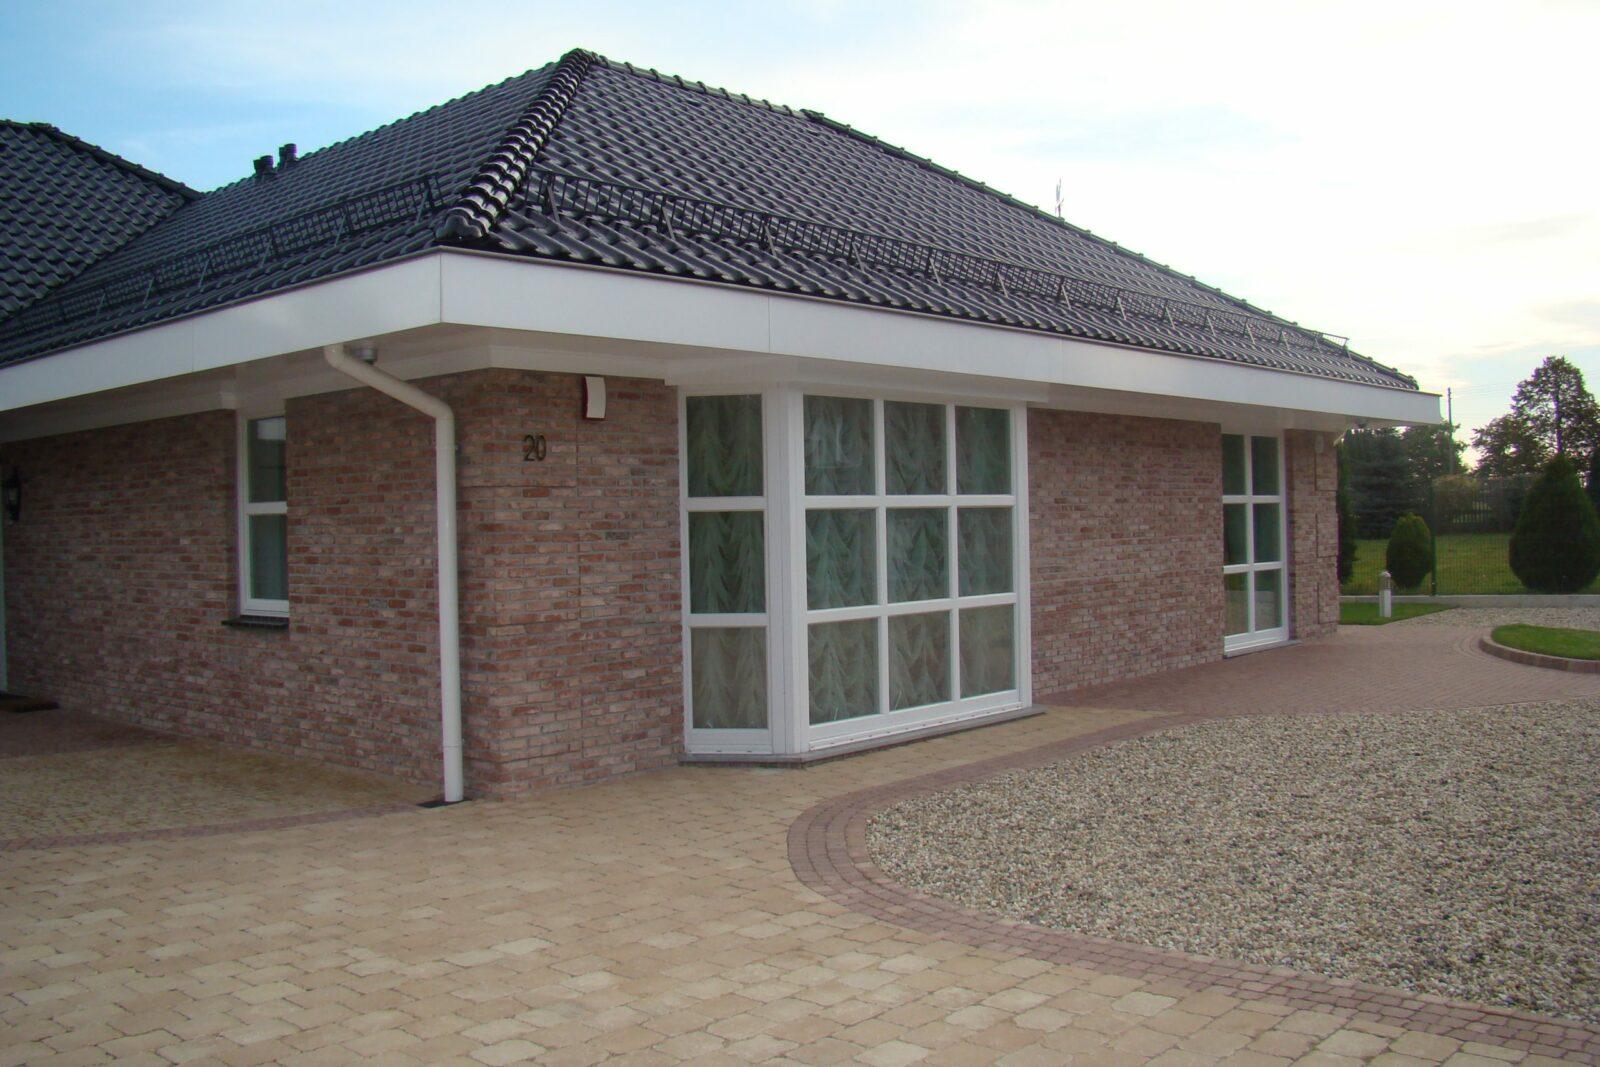 Dom z elewacją ceglaną z białymi oknami ze szprosami i z czarną dachówką